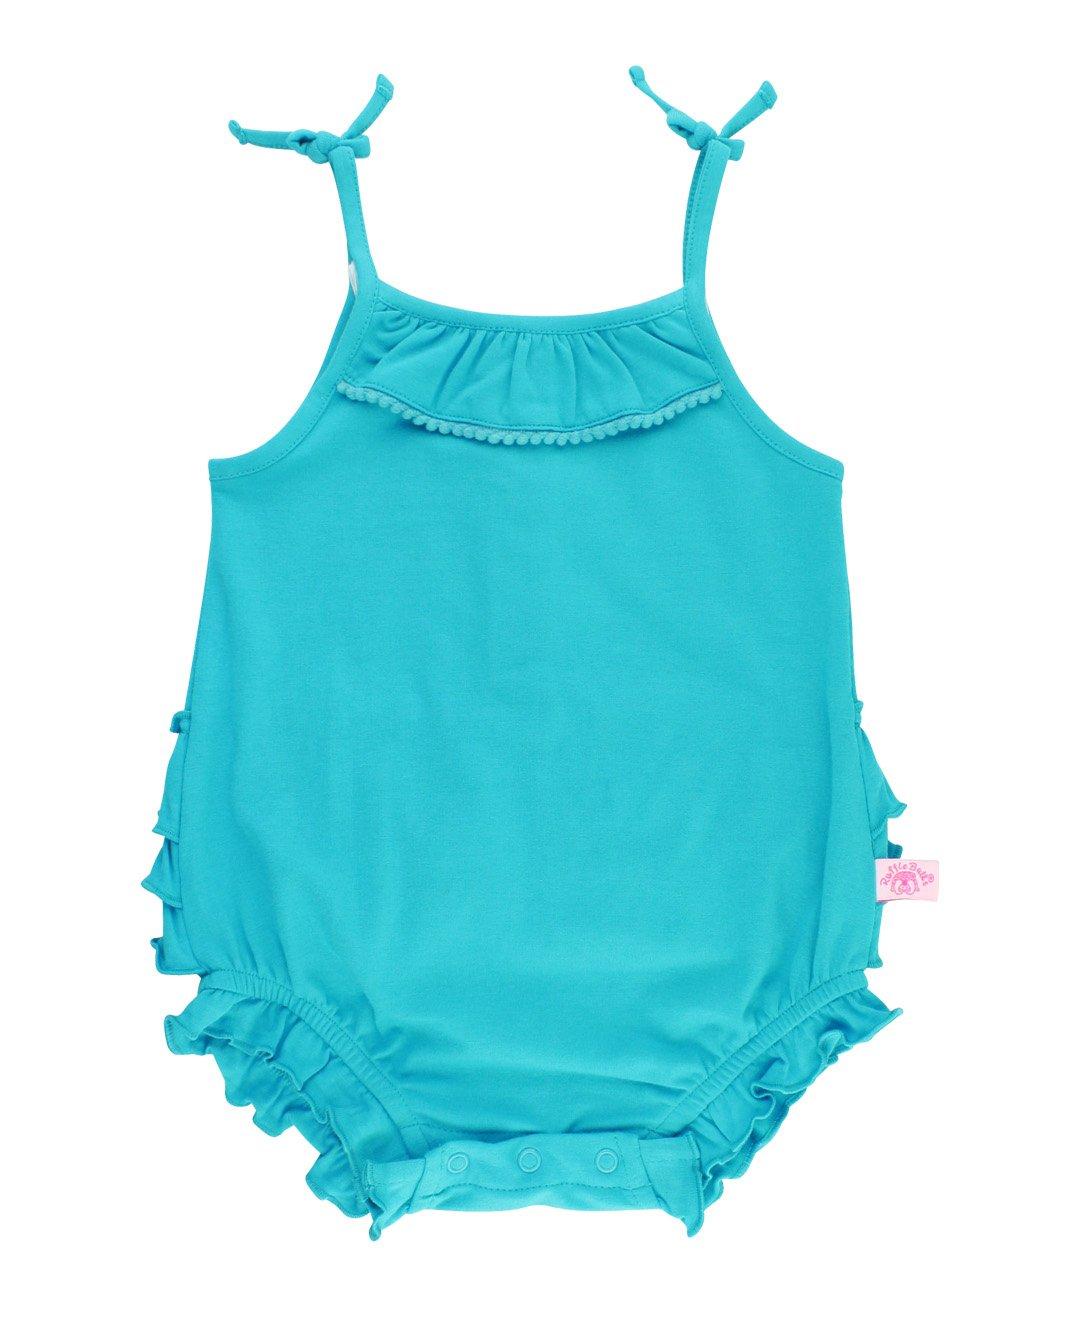 RuffleButts Little Girls Key West Pom Pom Bubble Romper - 12-18m